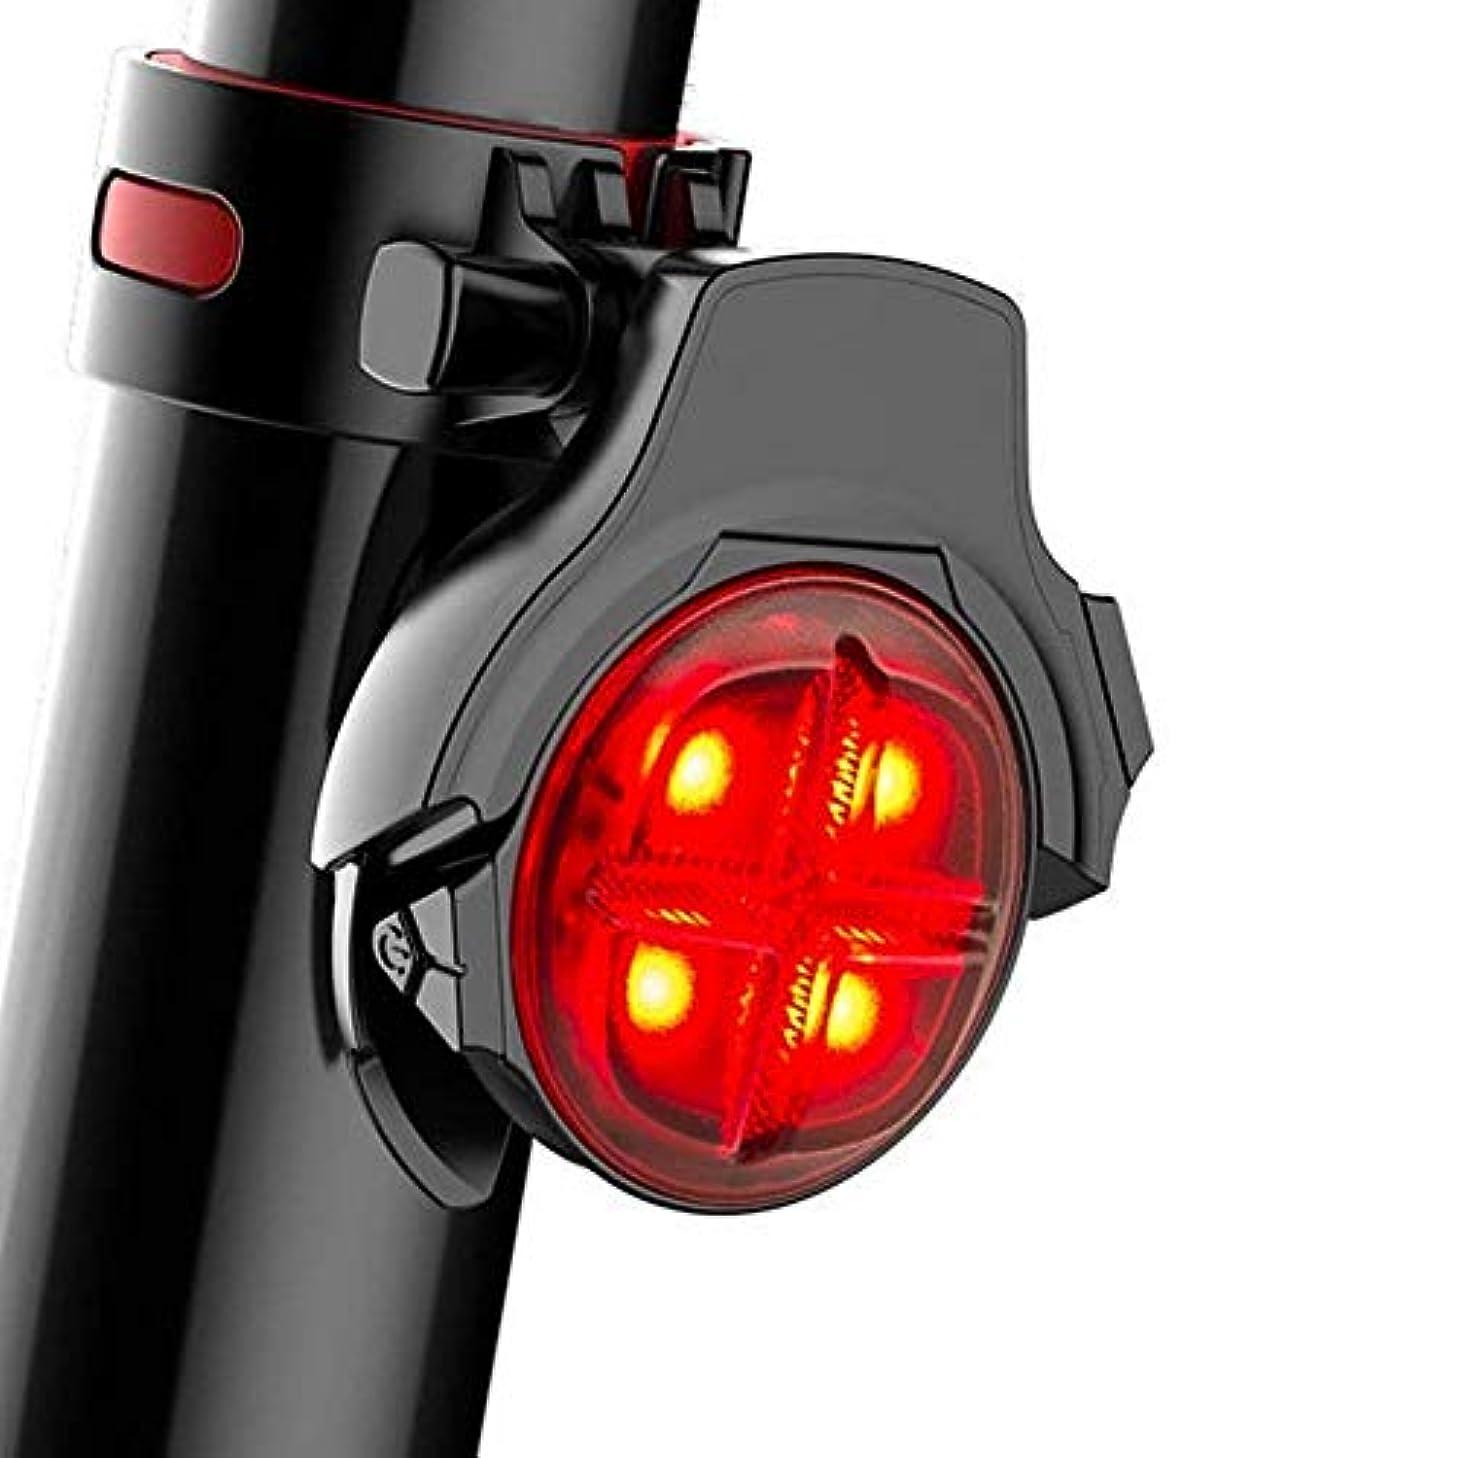 フェロー諸島周囲生産的後部ライトは再充電可能なUSBをつけます - 自転車の尾ライト強力な5つの照明モード、LEDの自転車の後部ライトレッドテールバックバックサイクリングのために簡単に安全IPX8防水